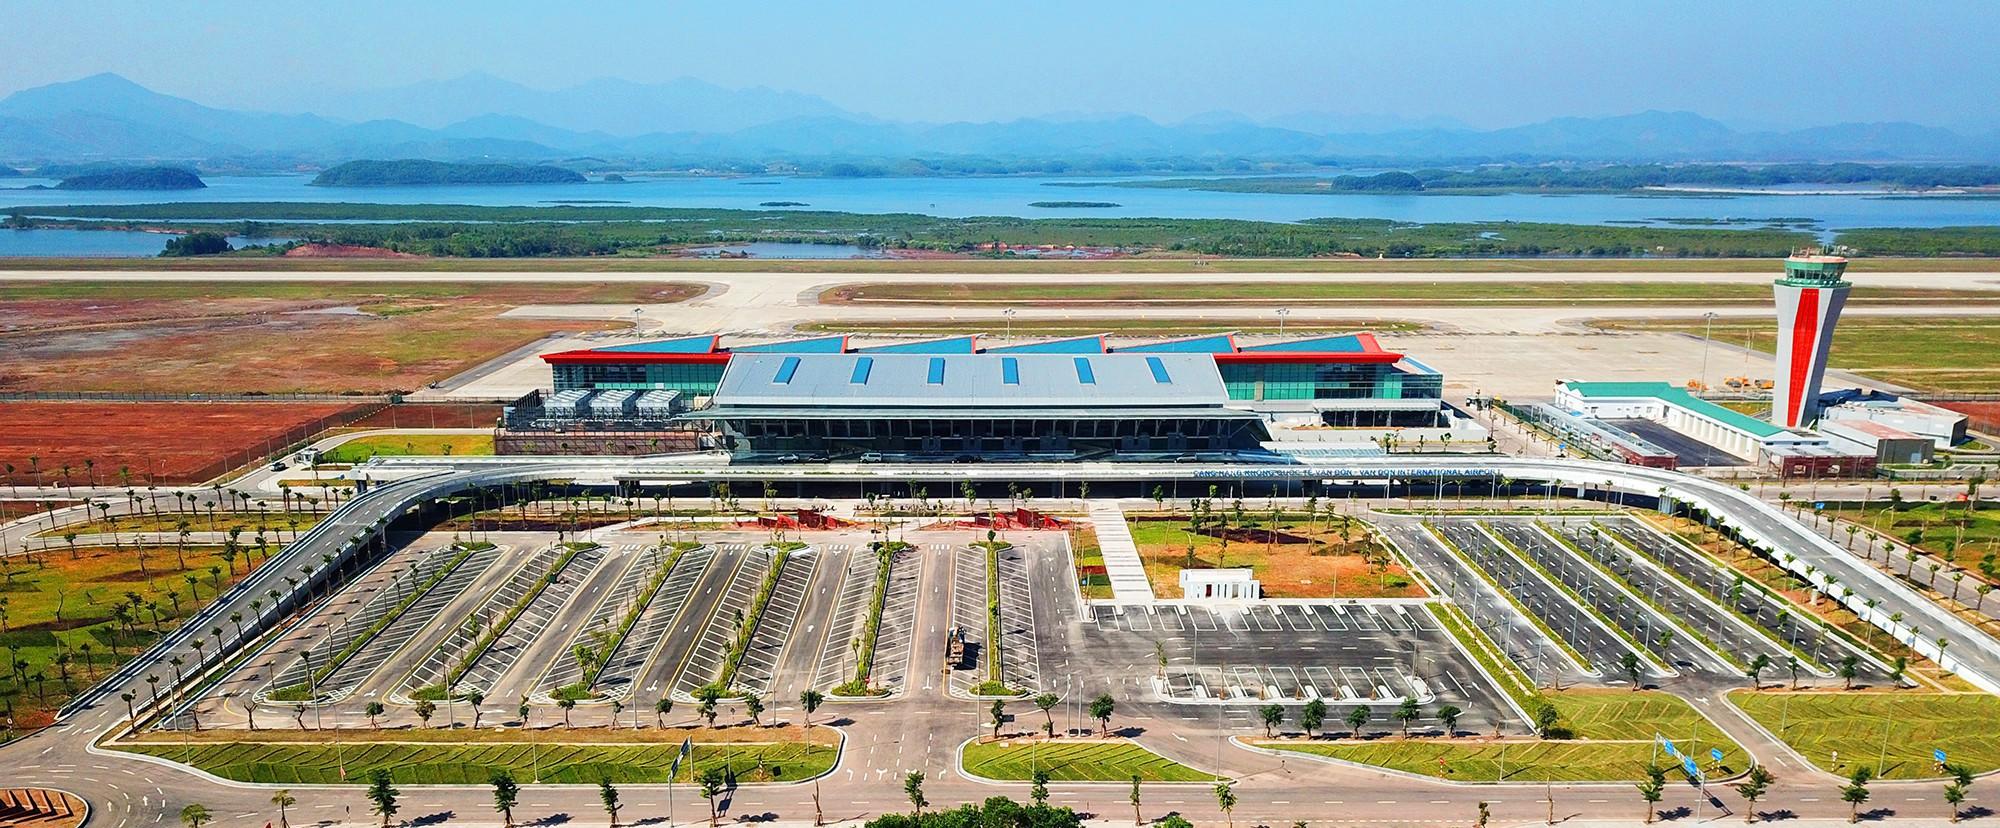 Thủ tướng bấm nút khánh thành sân bay Vân Đồn 2